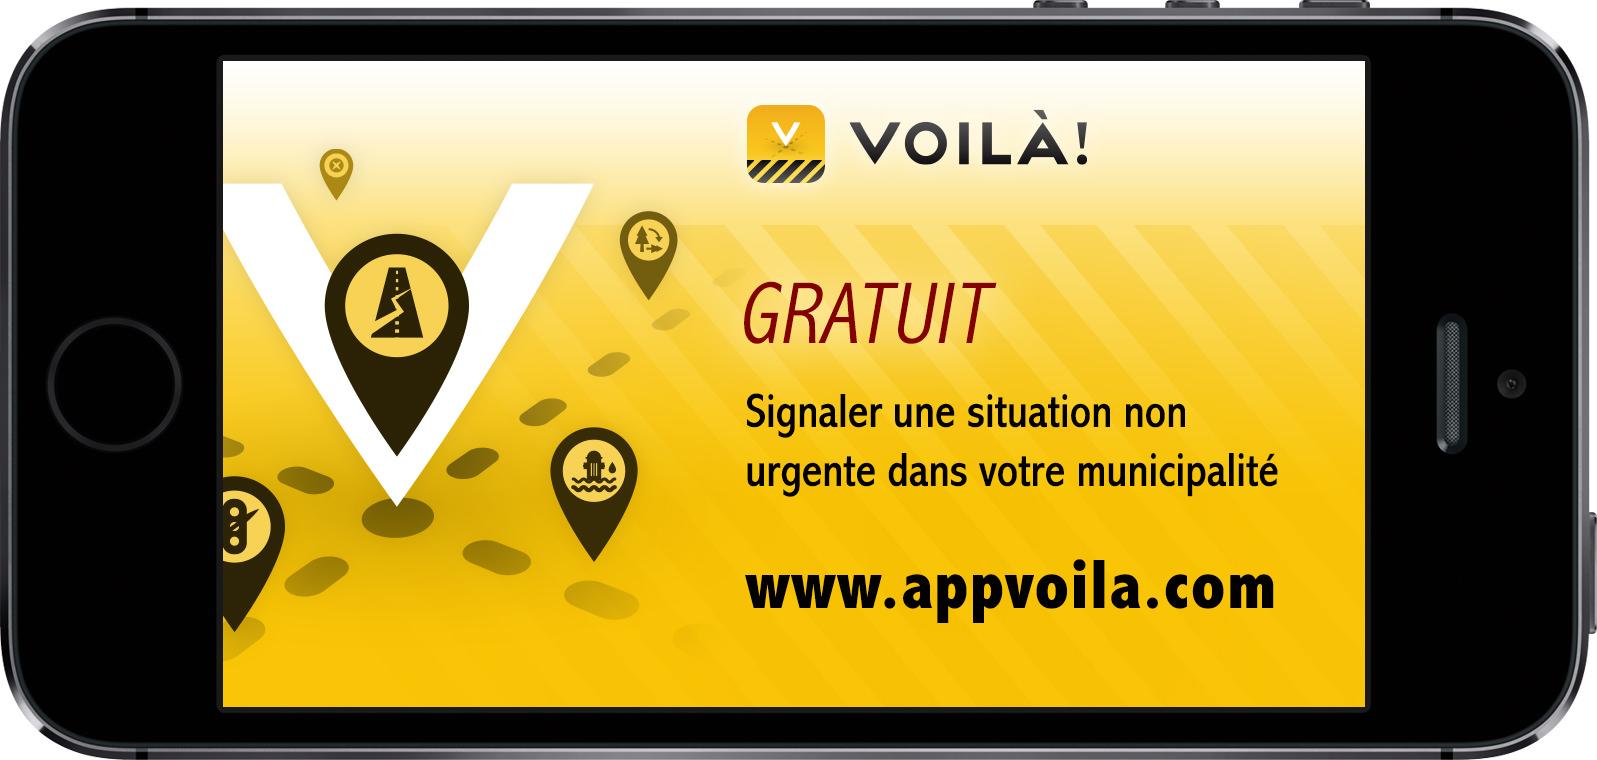 Voila.jpg (481 KB)